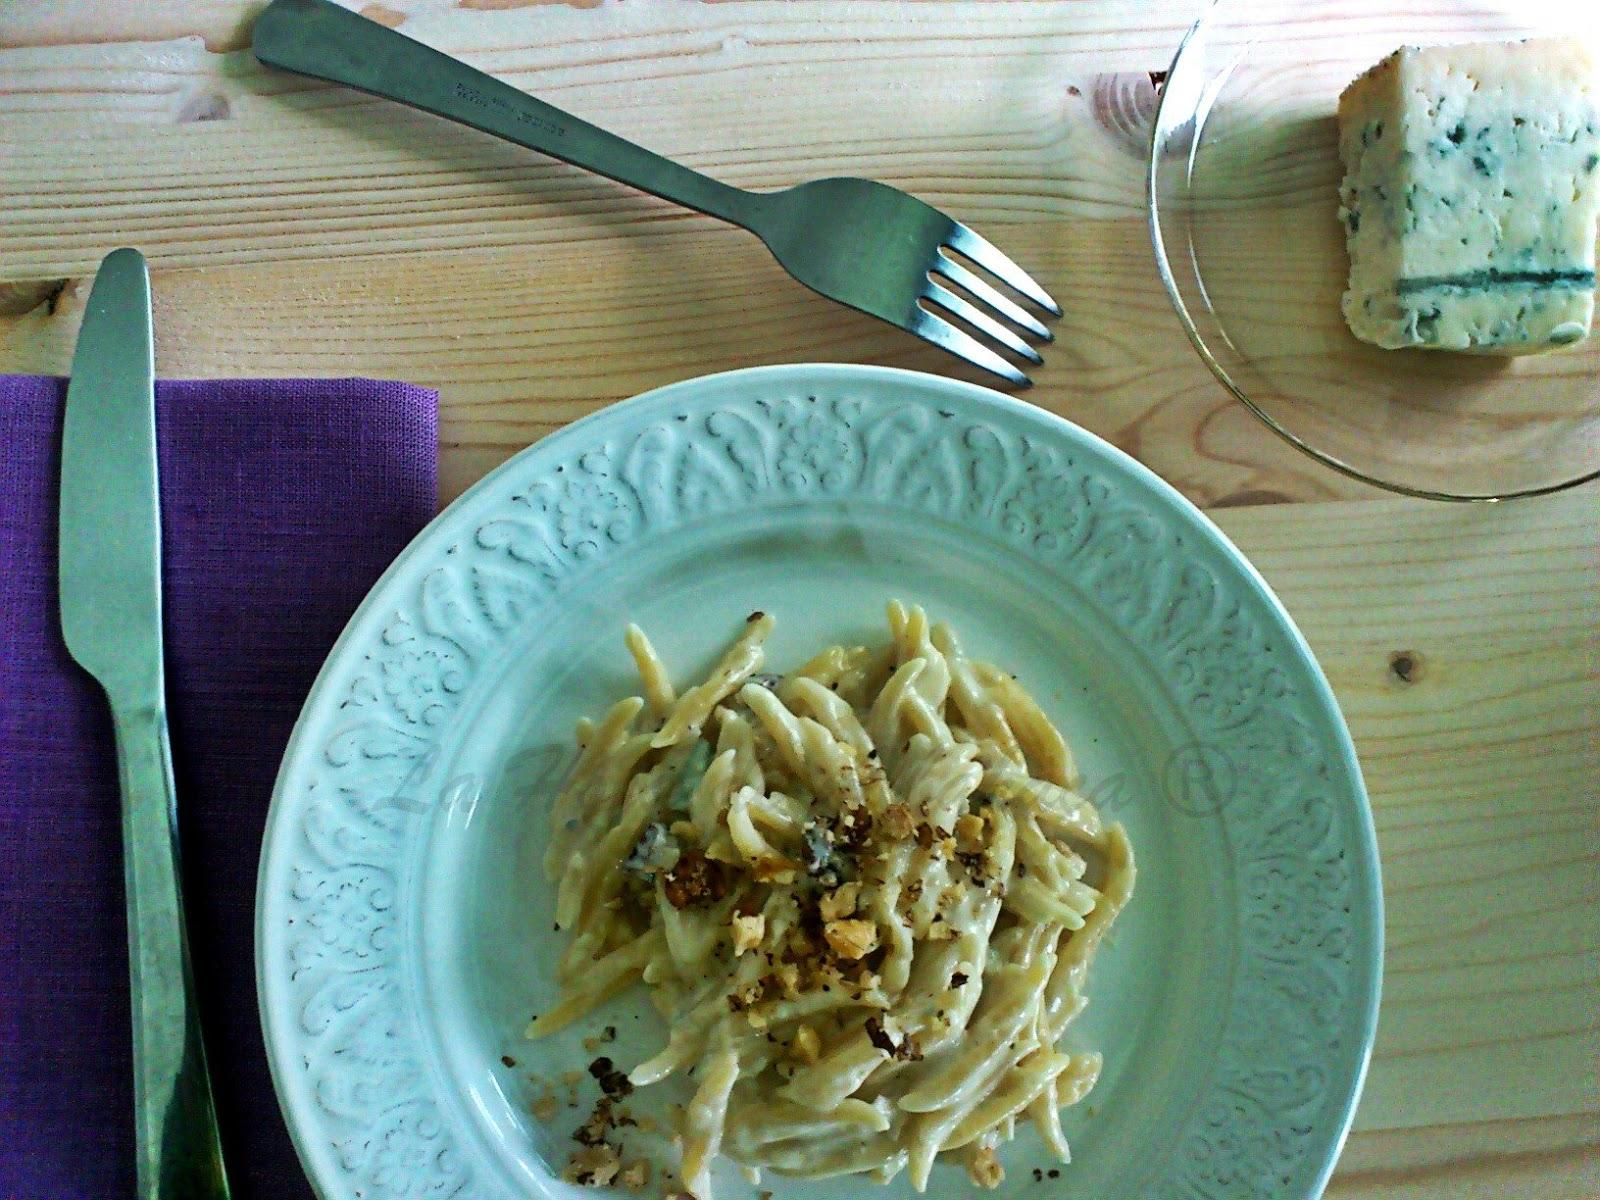 crema de mascarpone, gorgonzola, nueces, pasta